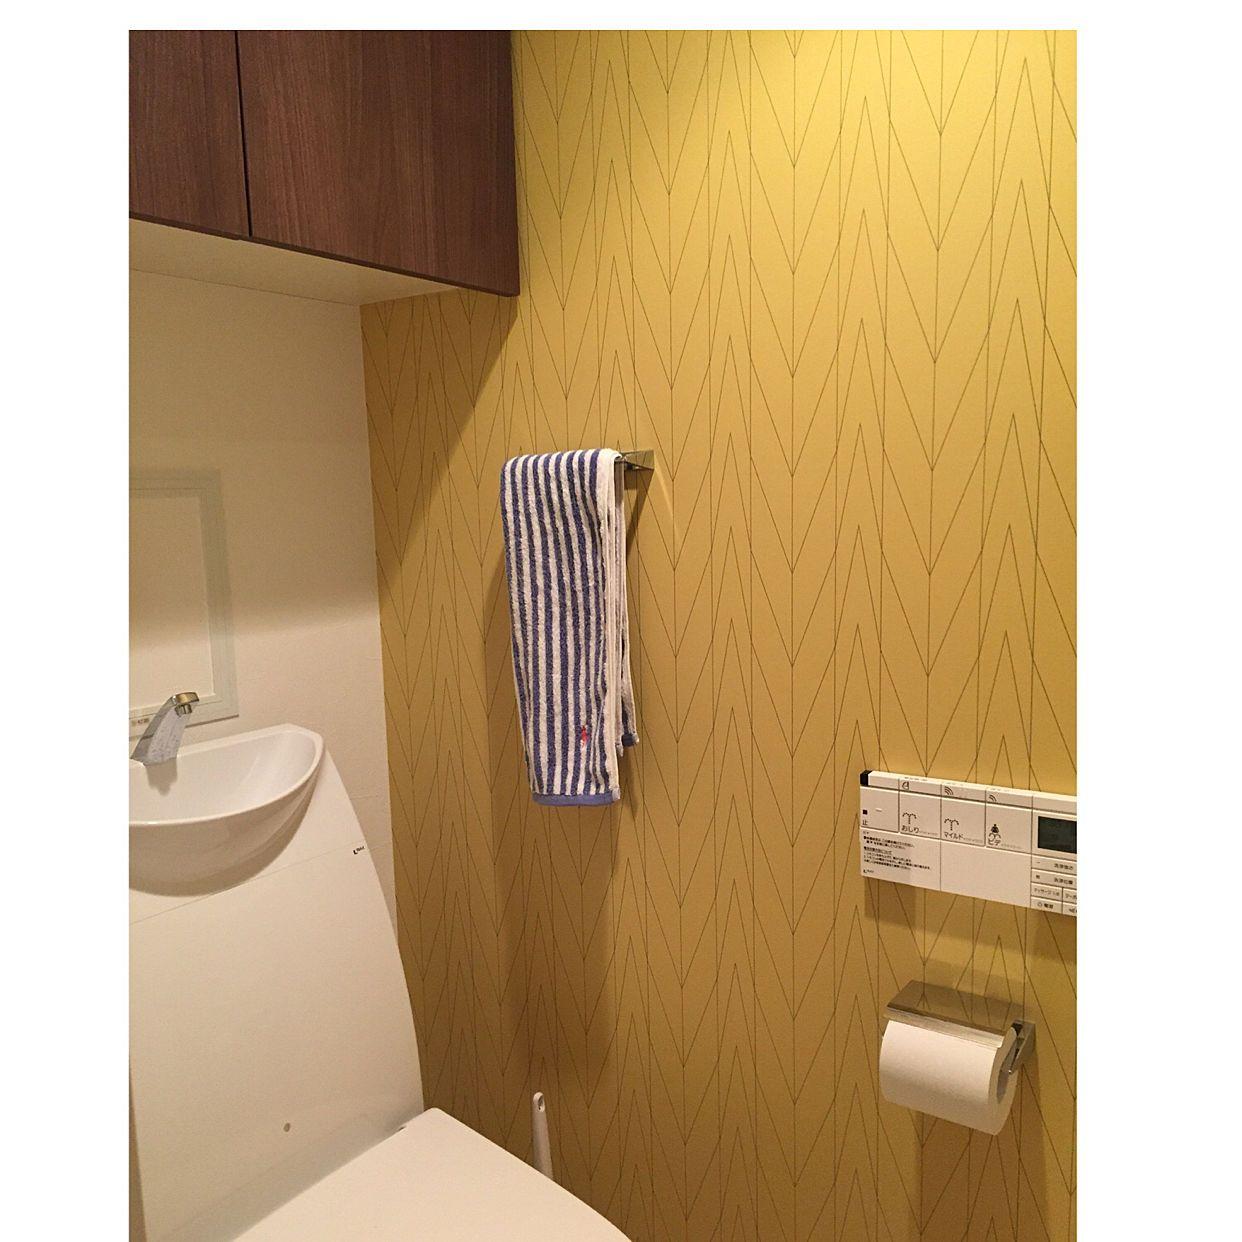 バス トイレ 北欧インテリア 壁紙 アクセントクロス トイレ などの